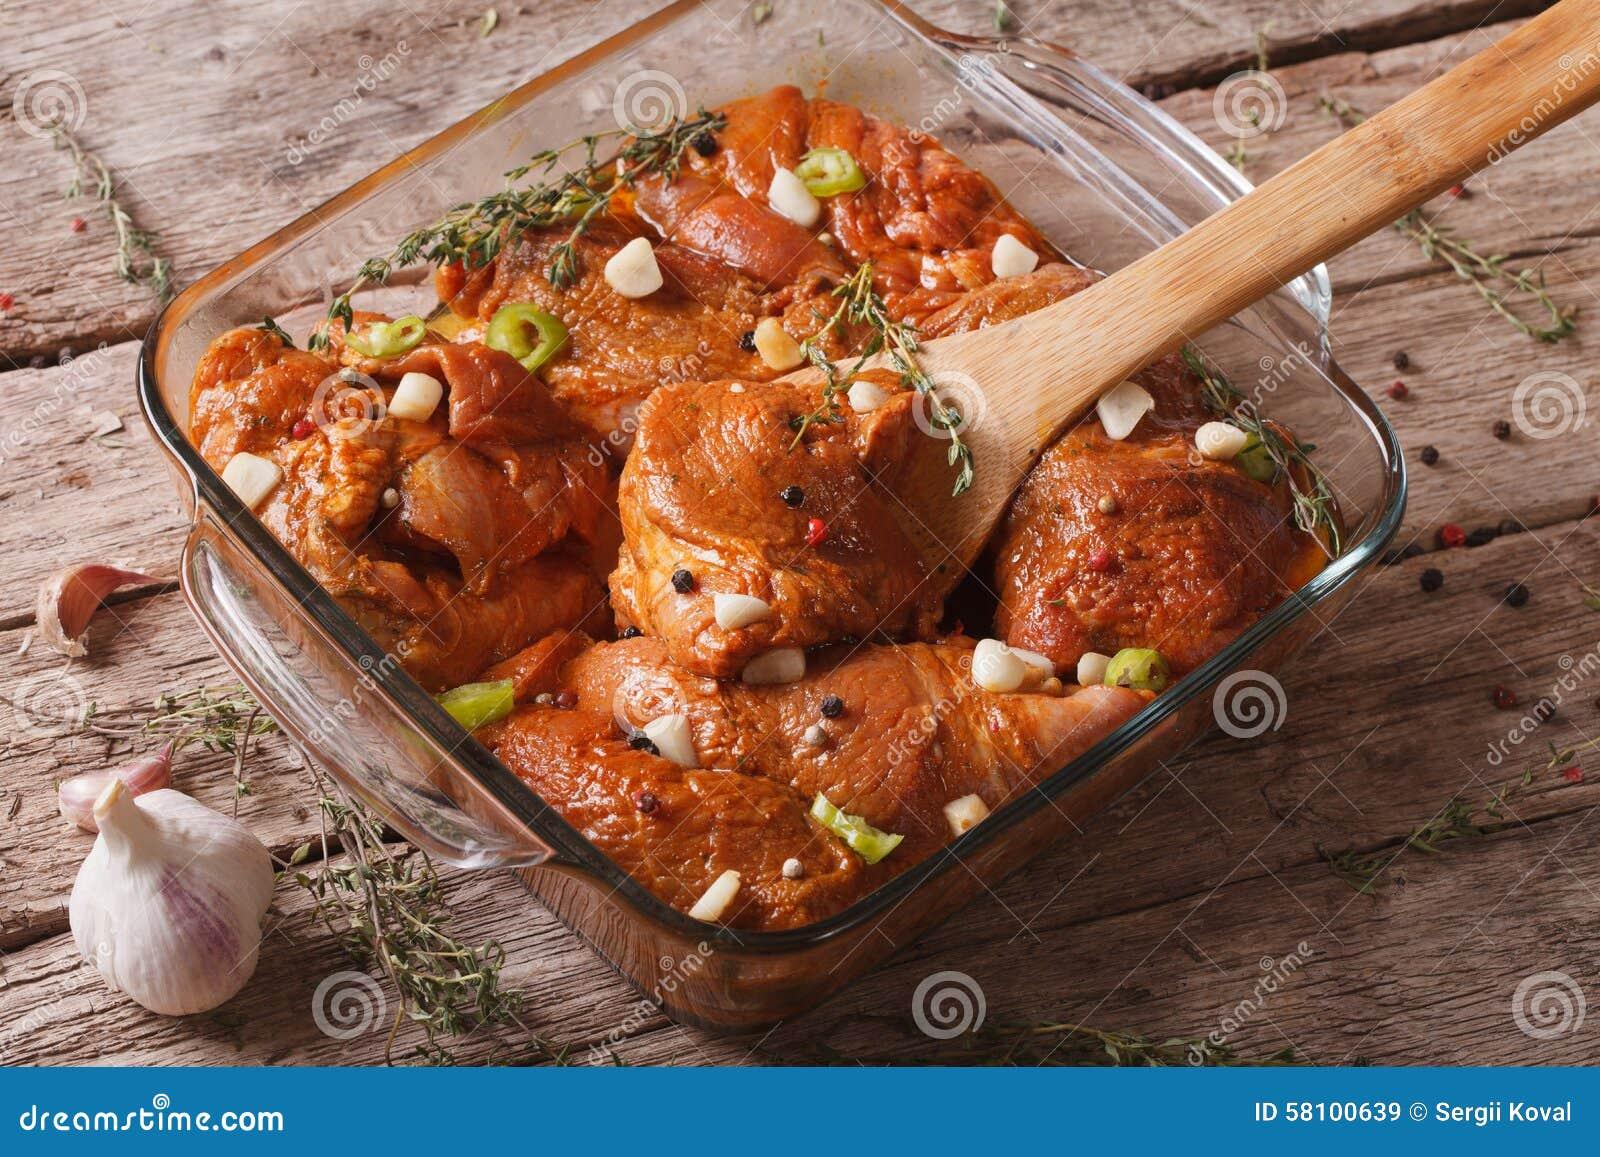 Viande crue dans une marinade rouge épicée dans une fin de cuvette  horizontal